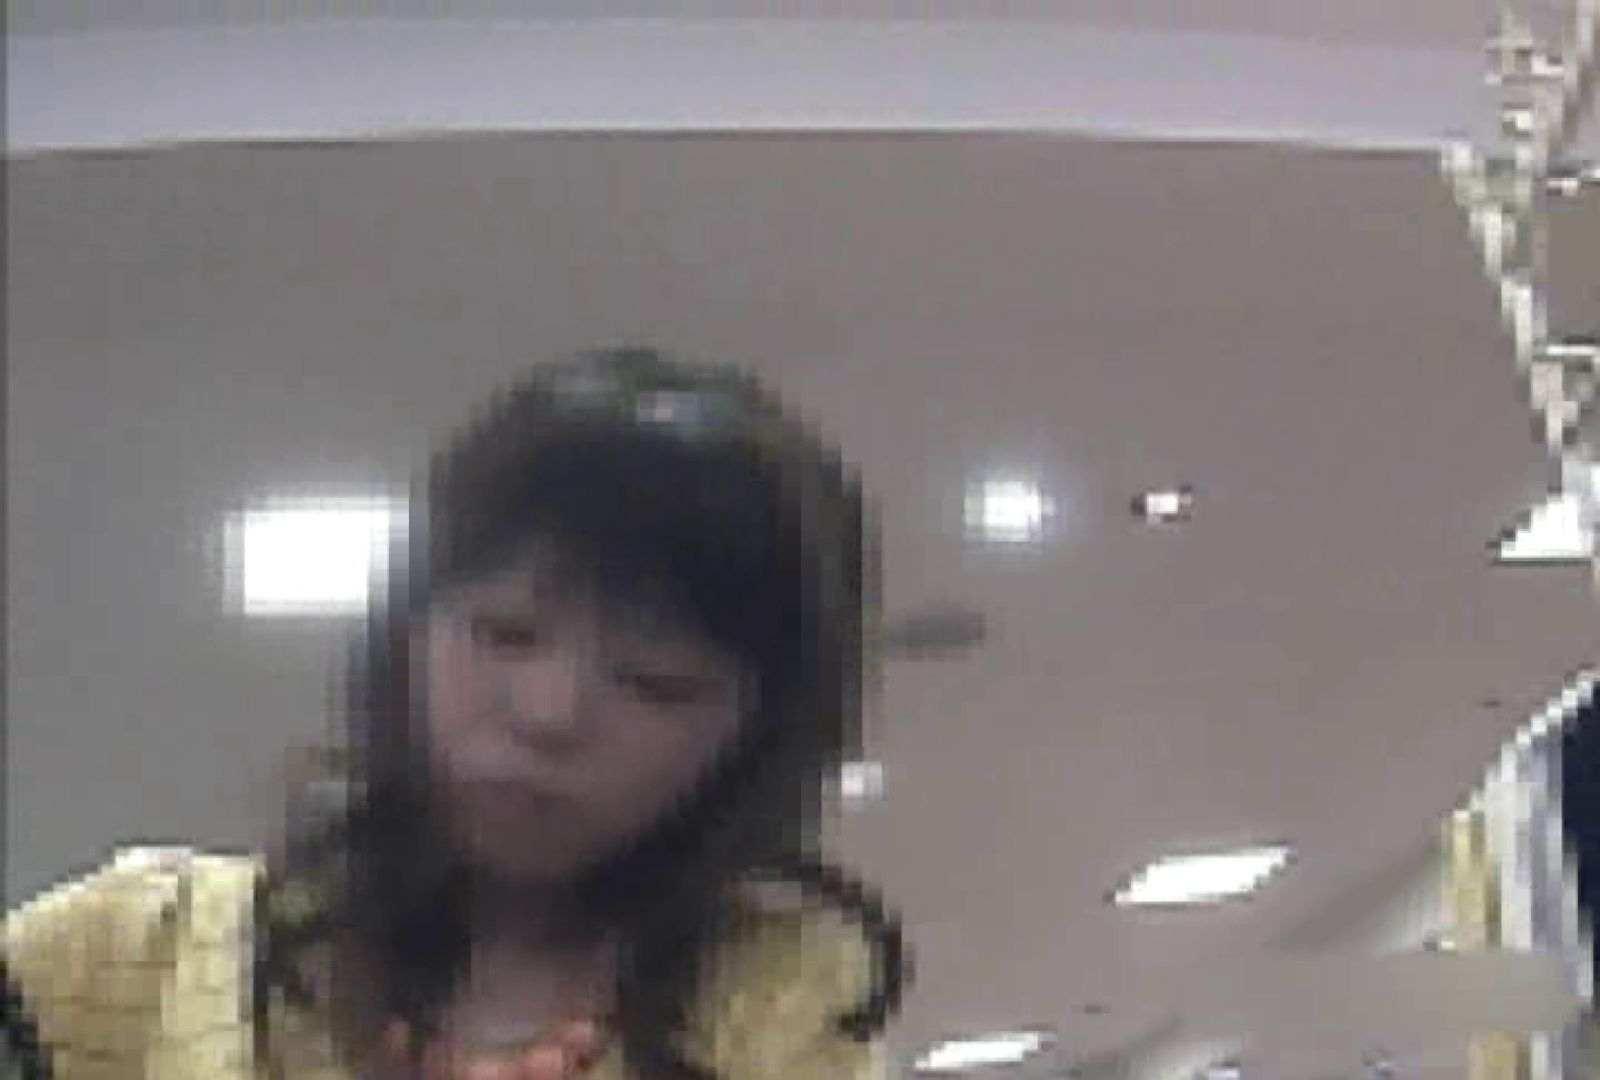 ショップ店員のパンチラアクシデント Vol.22 OLセックス 盗み撮りAV無料動画キャプチャ 87画像 10